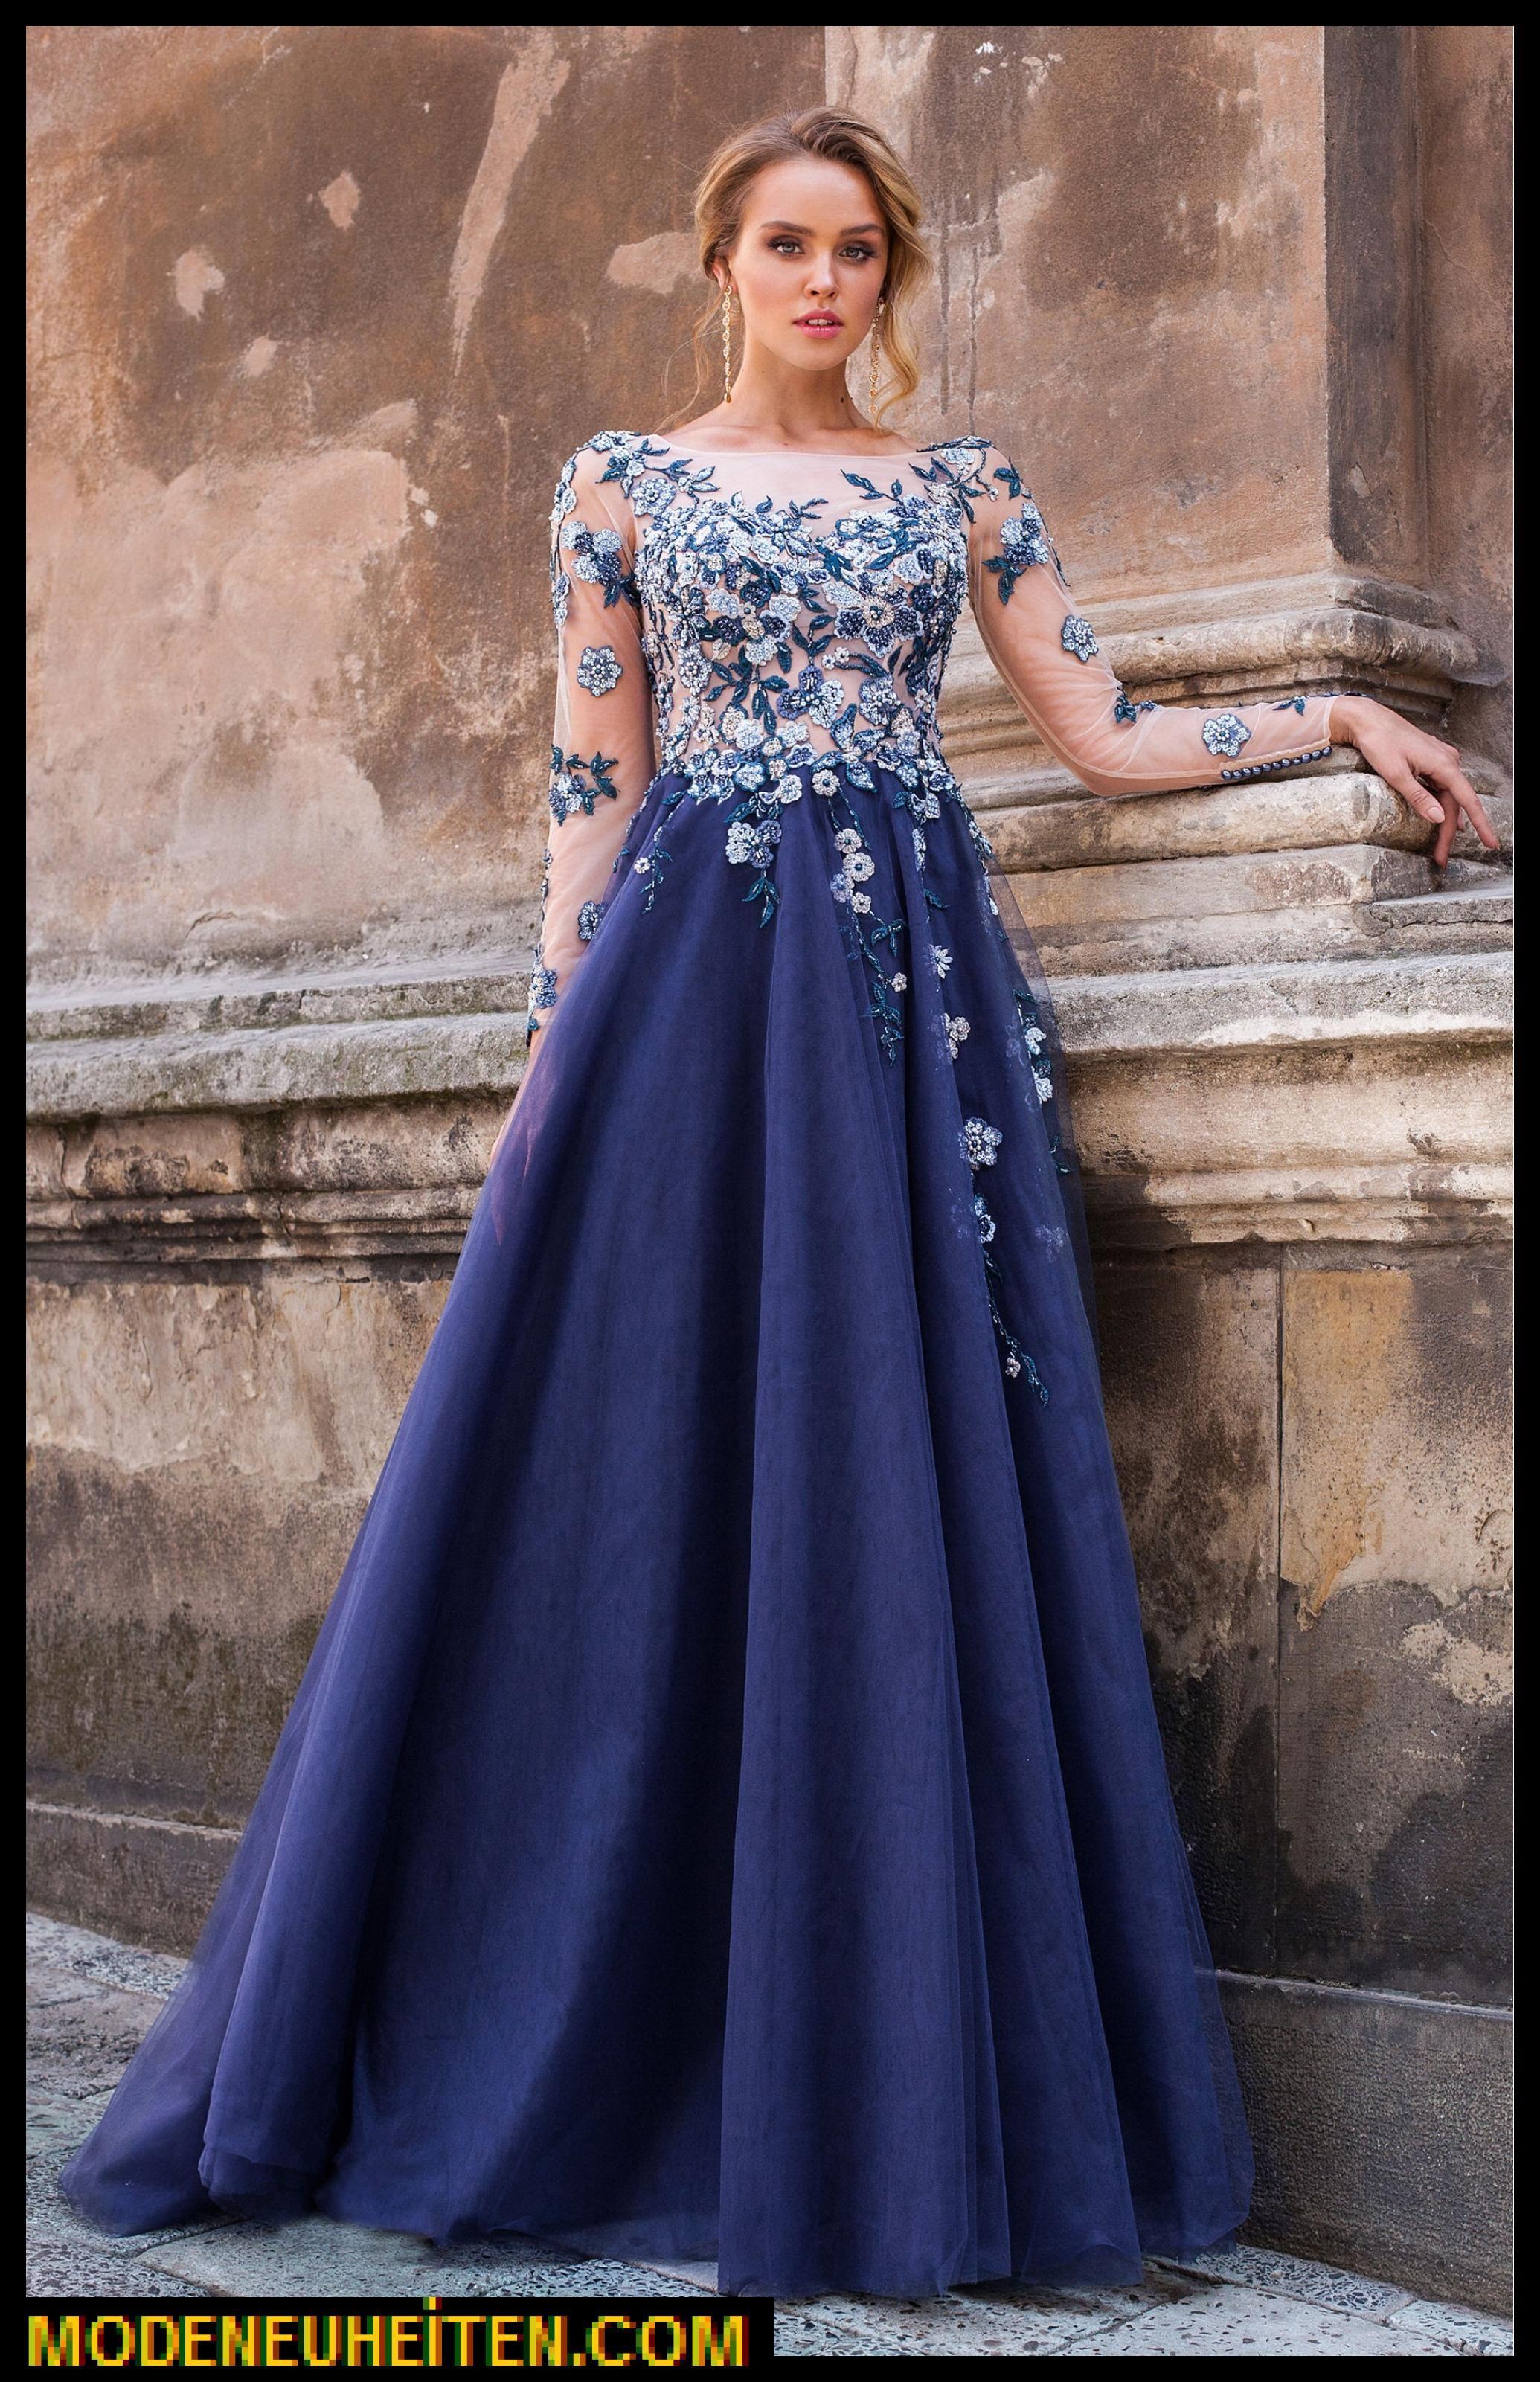 Designer Kleider – #Mode #Kleid #Fashion News und Trends #Designer